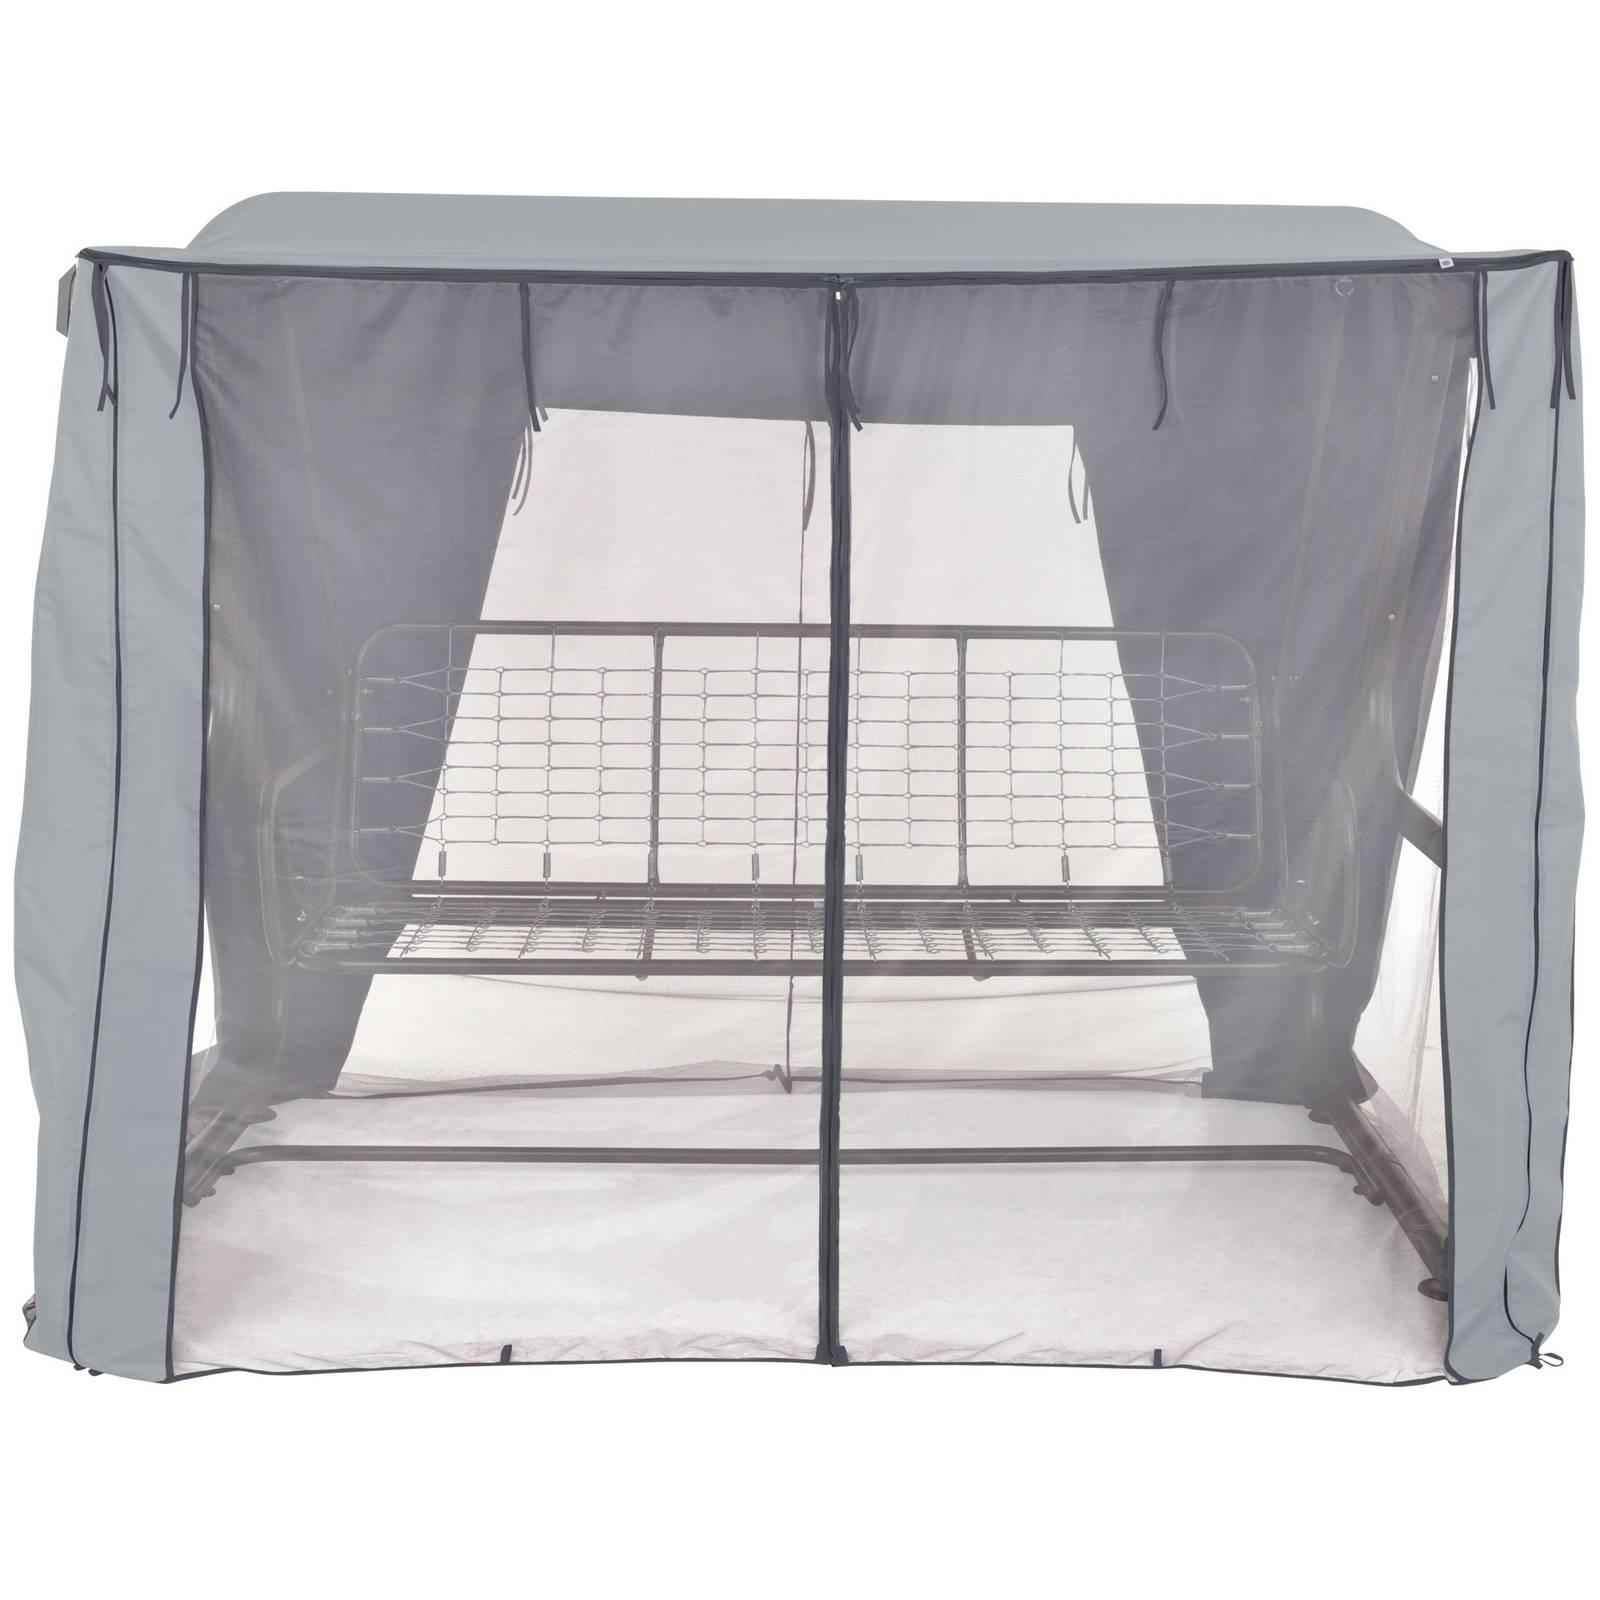 Dach z moskitierą do huśtawki ogrodowej 235 x 128 x 175  cm Rimini / Venezia D031-06CW PATIO